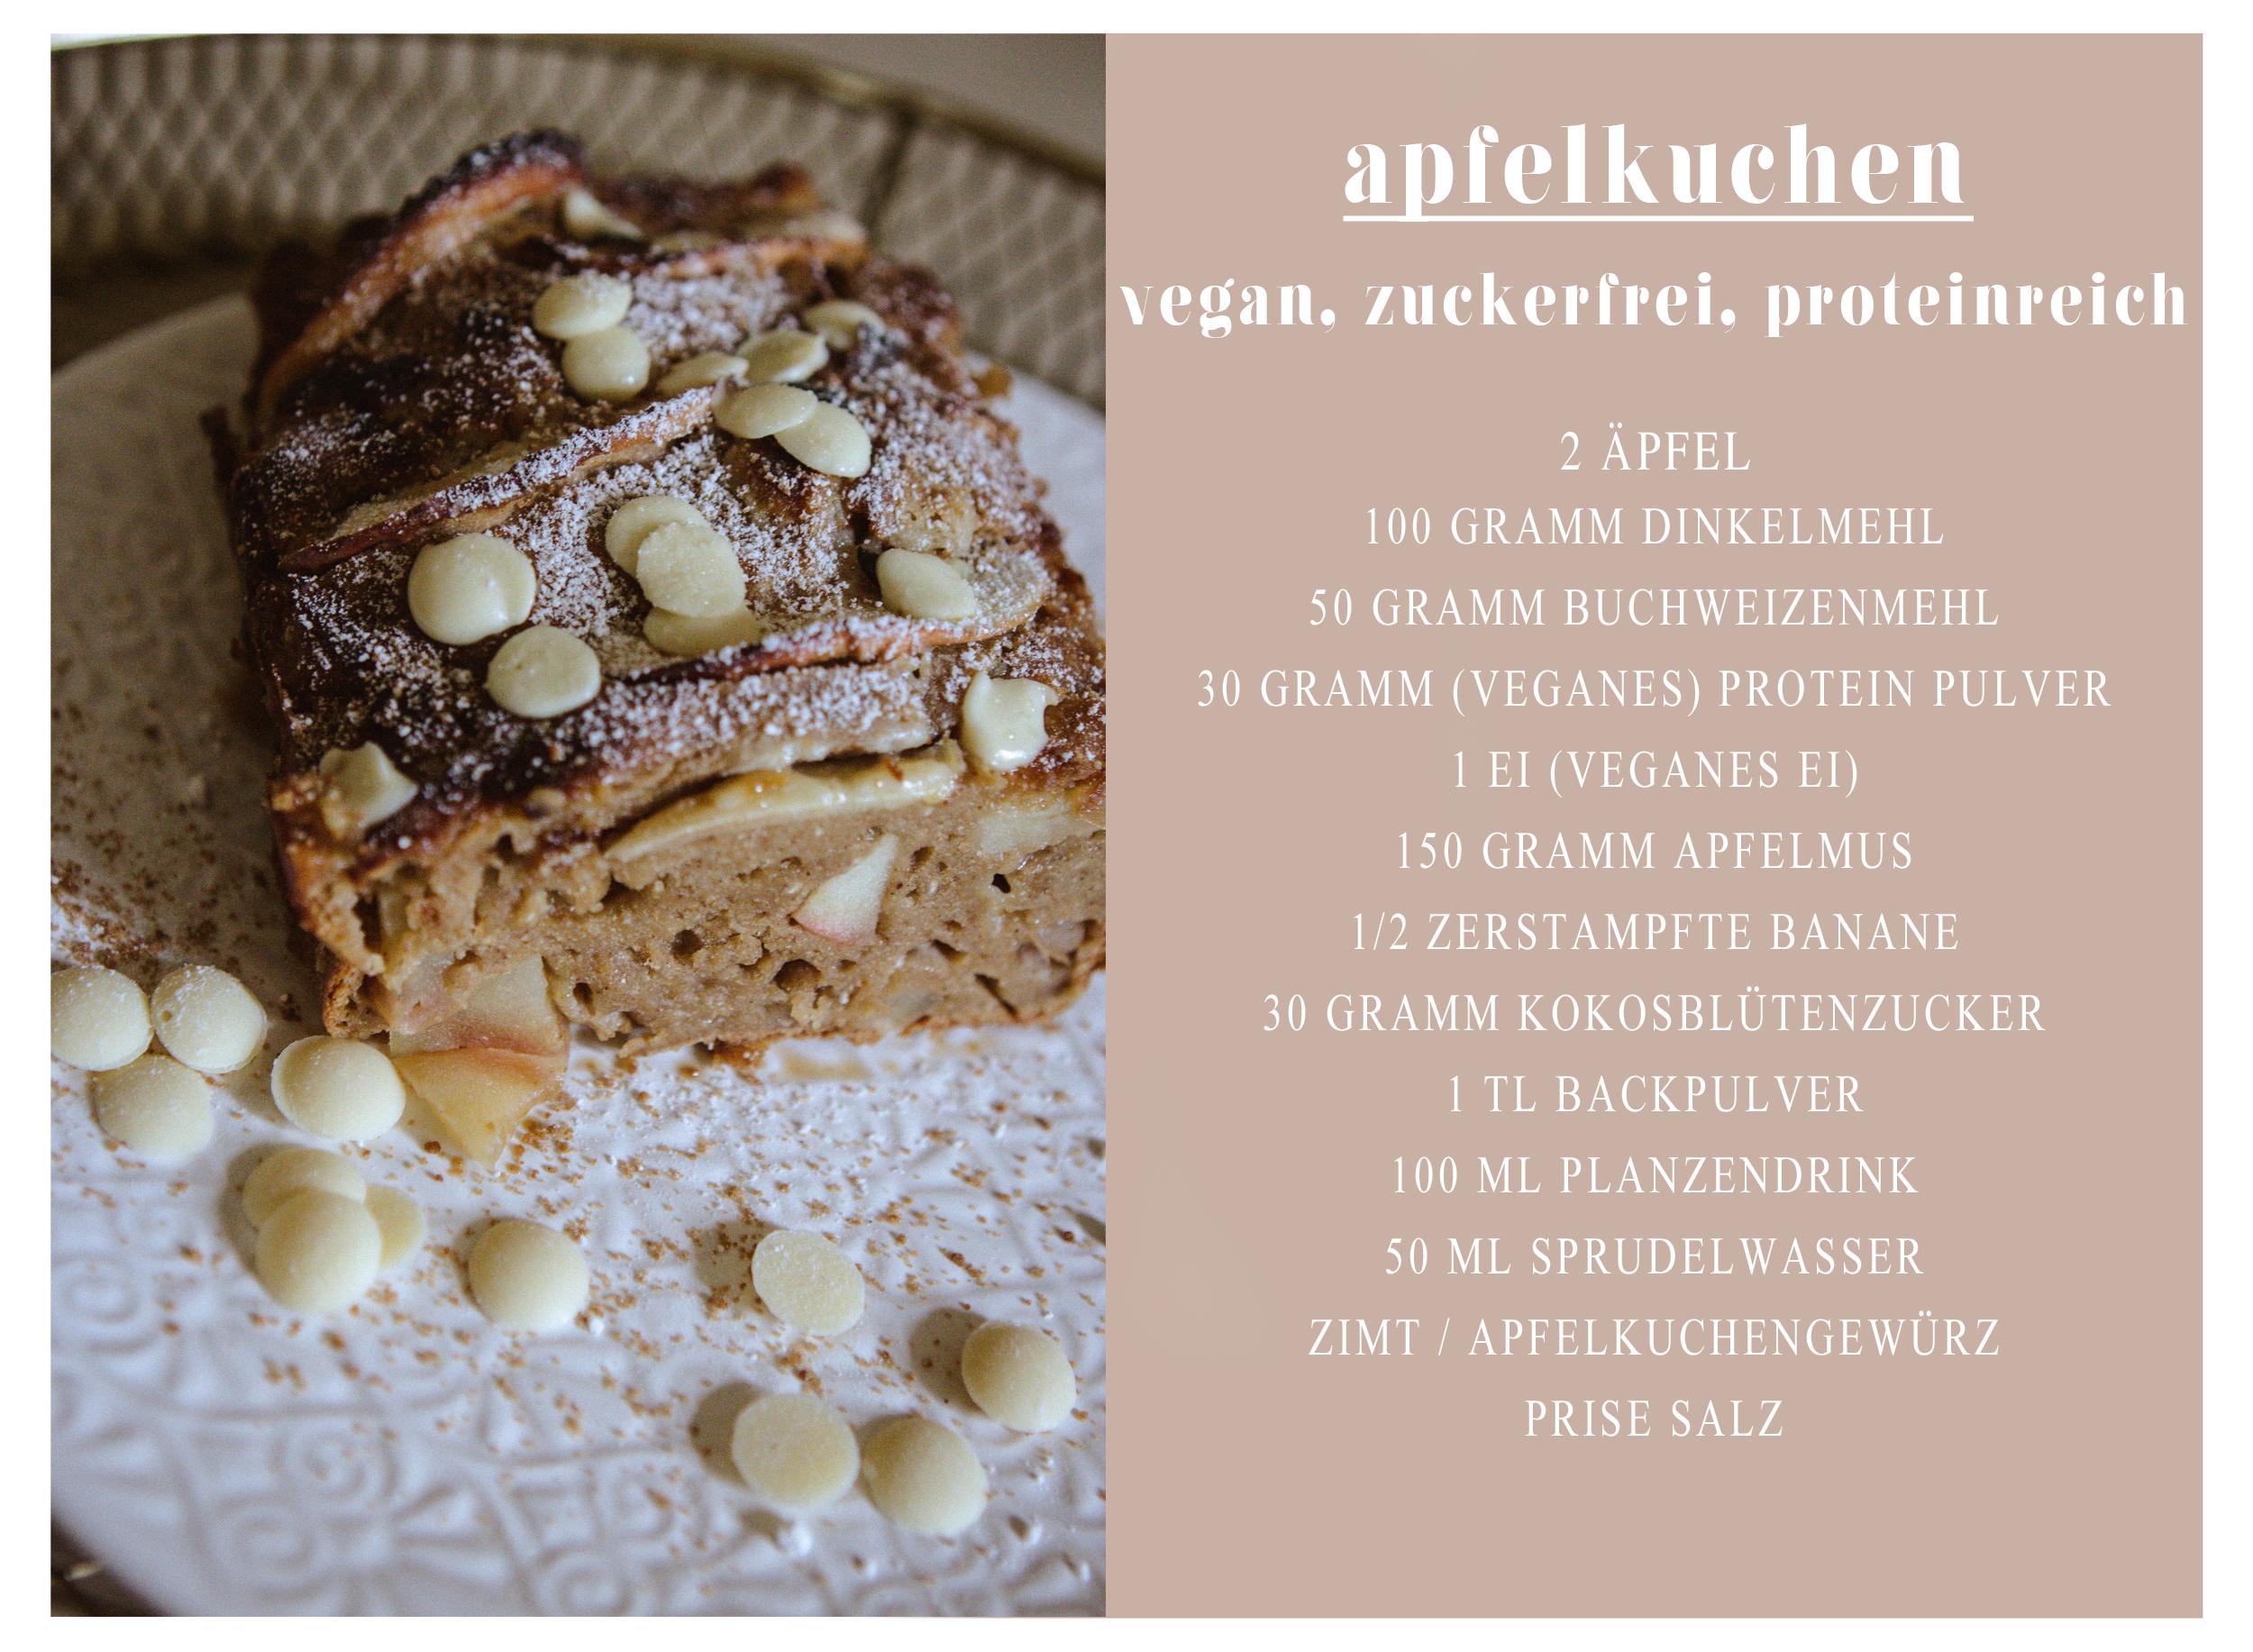 lauralamode-recipe-rezept-high protein-low carb-vegan-gesund backen-zuckerfrei-sugarfree-schnelles rezept-foodblogger-fitnessrezept-berlin-blogger